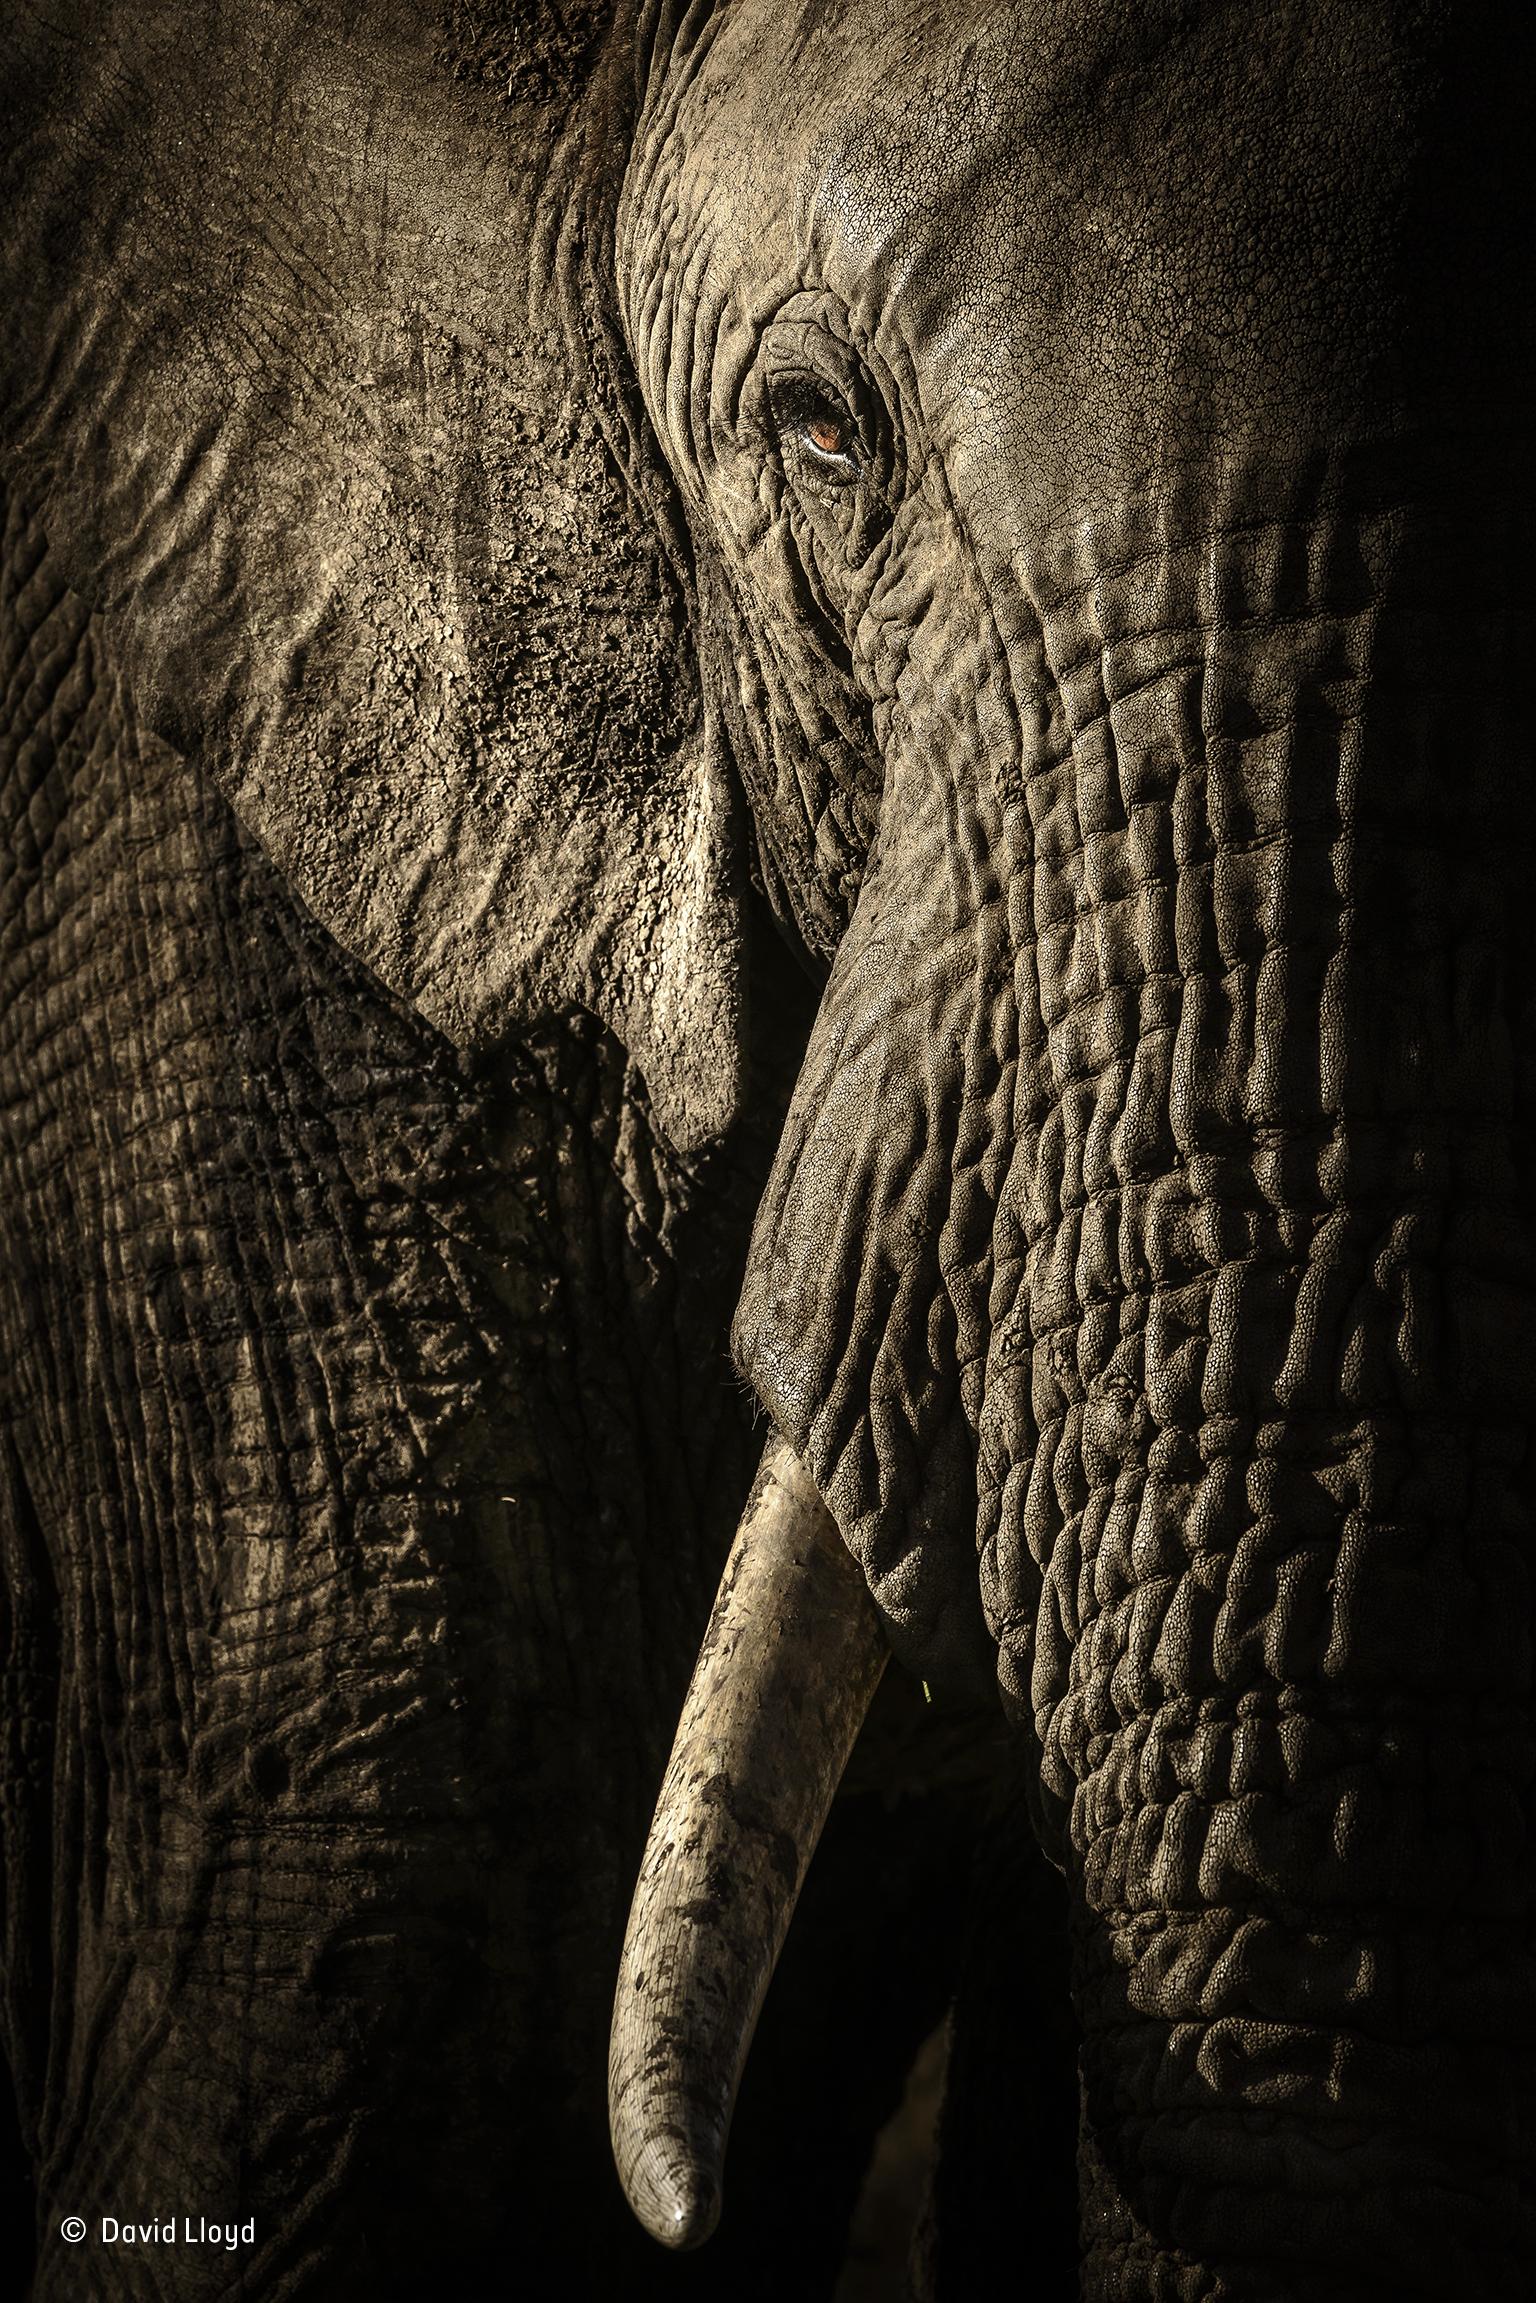 Uma elefante fêmea olha directamente para a câmara do fotógrafo numa reserva natural no Quénia